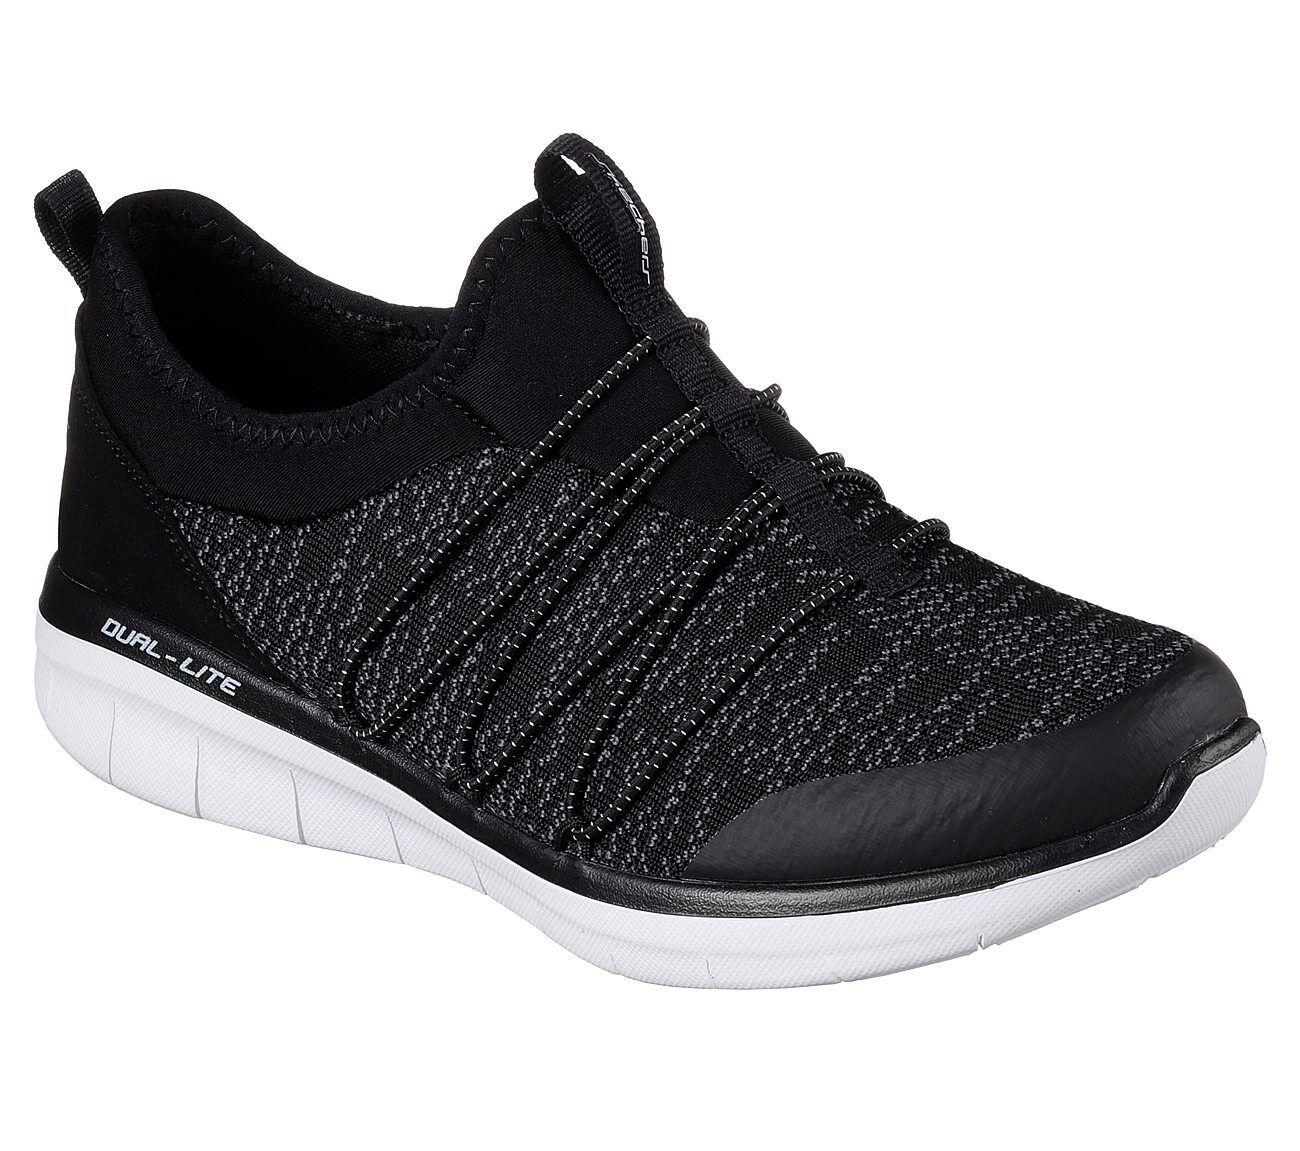 Skechers Synergy 2.0, simplemente elegante Zapato Atlético Caminar. plantilla de espuma espuma de de memoria. c8fa1f